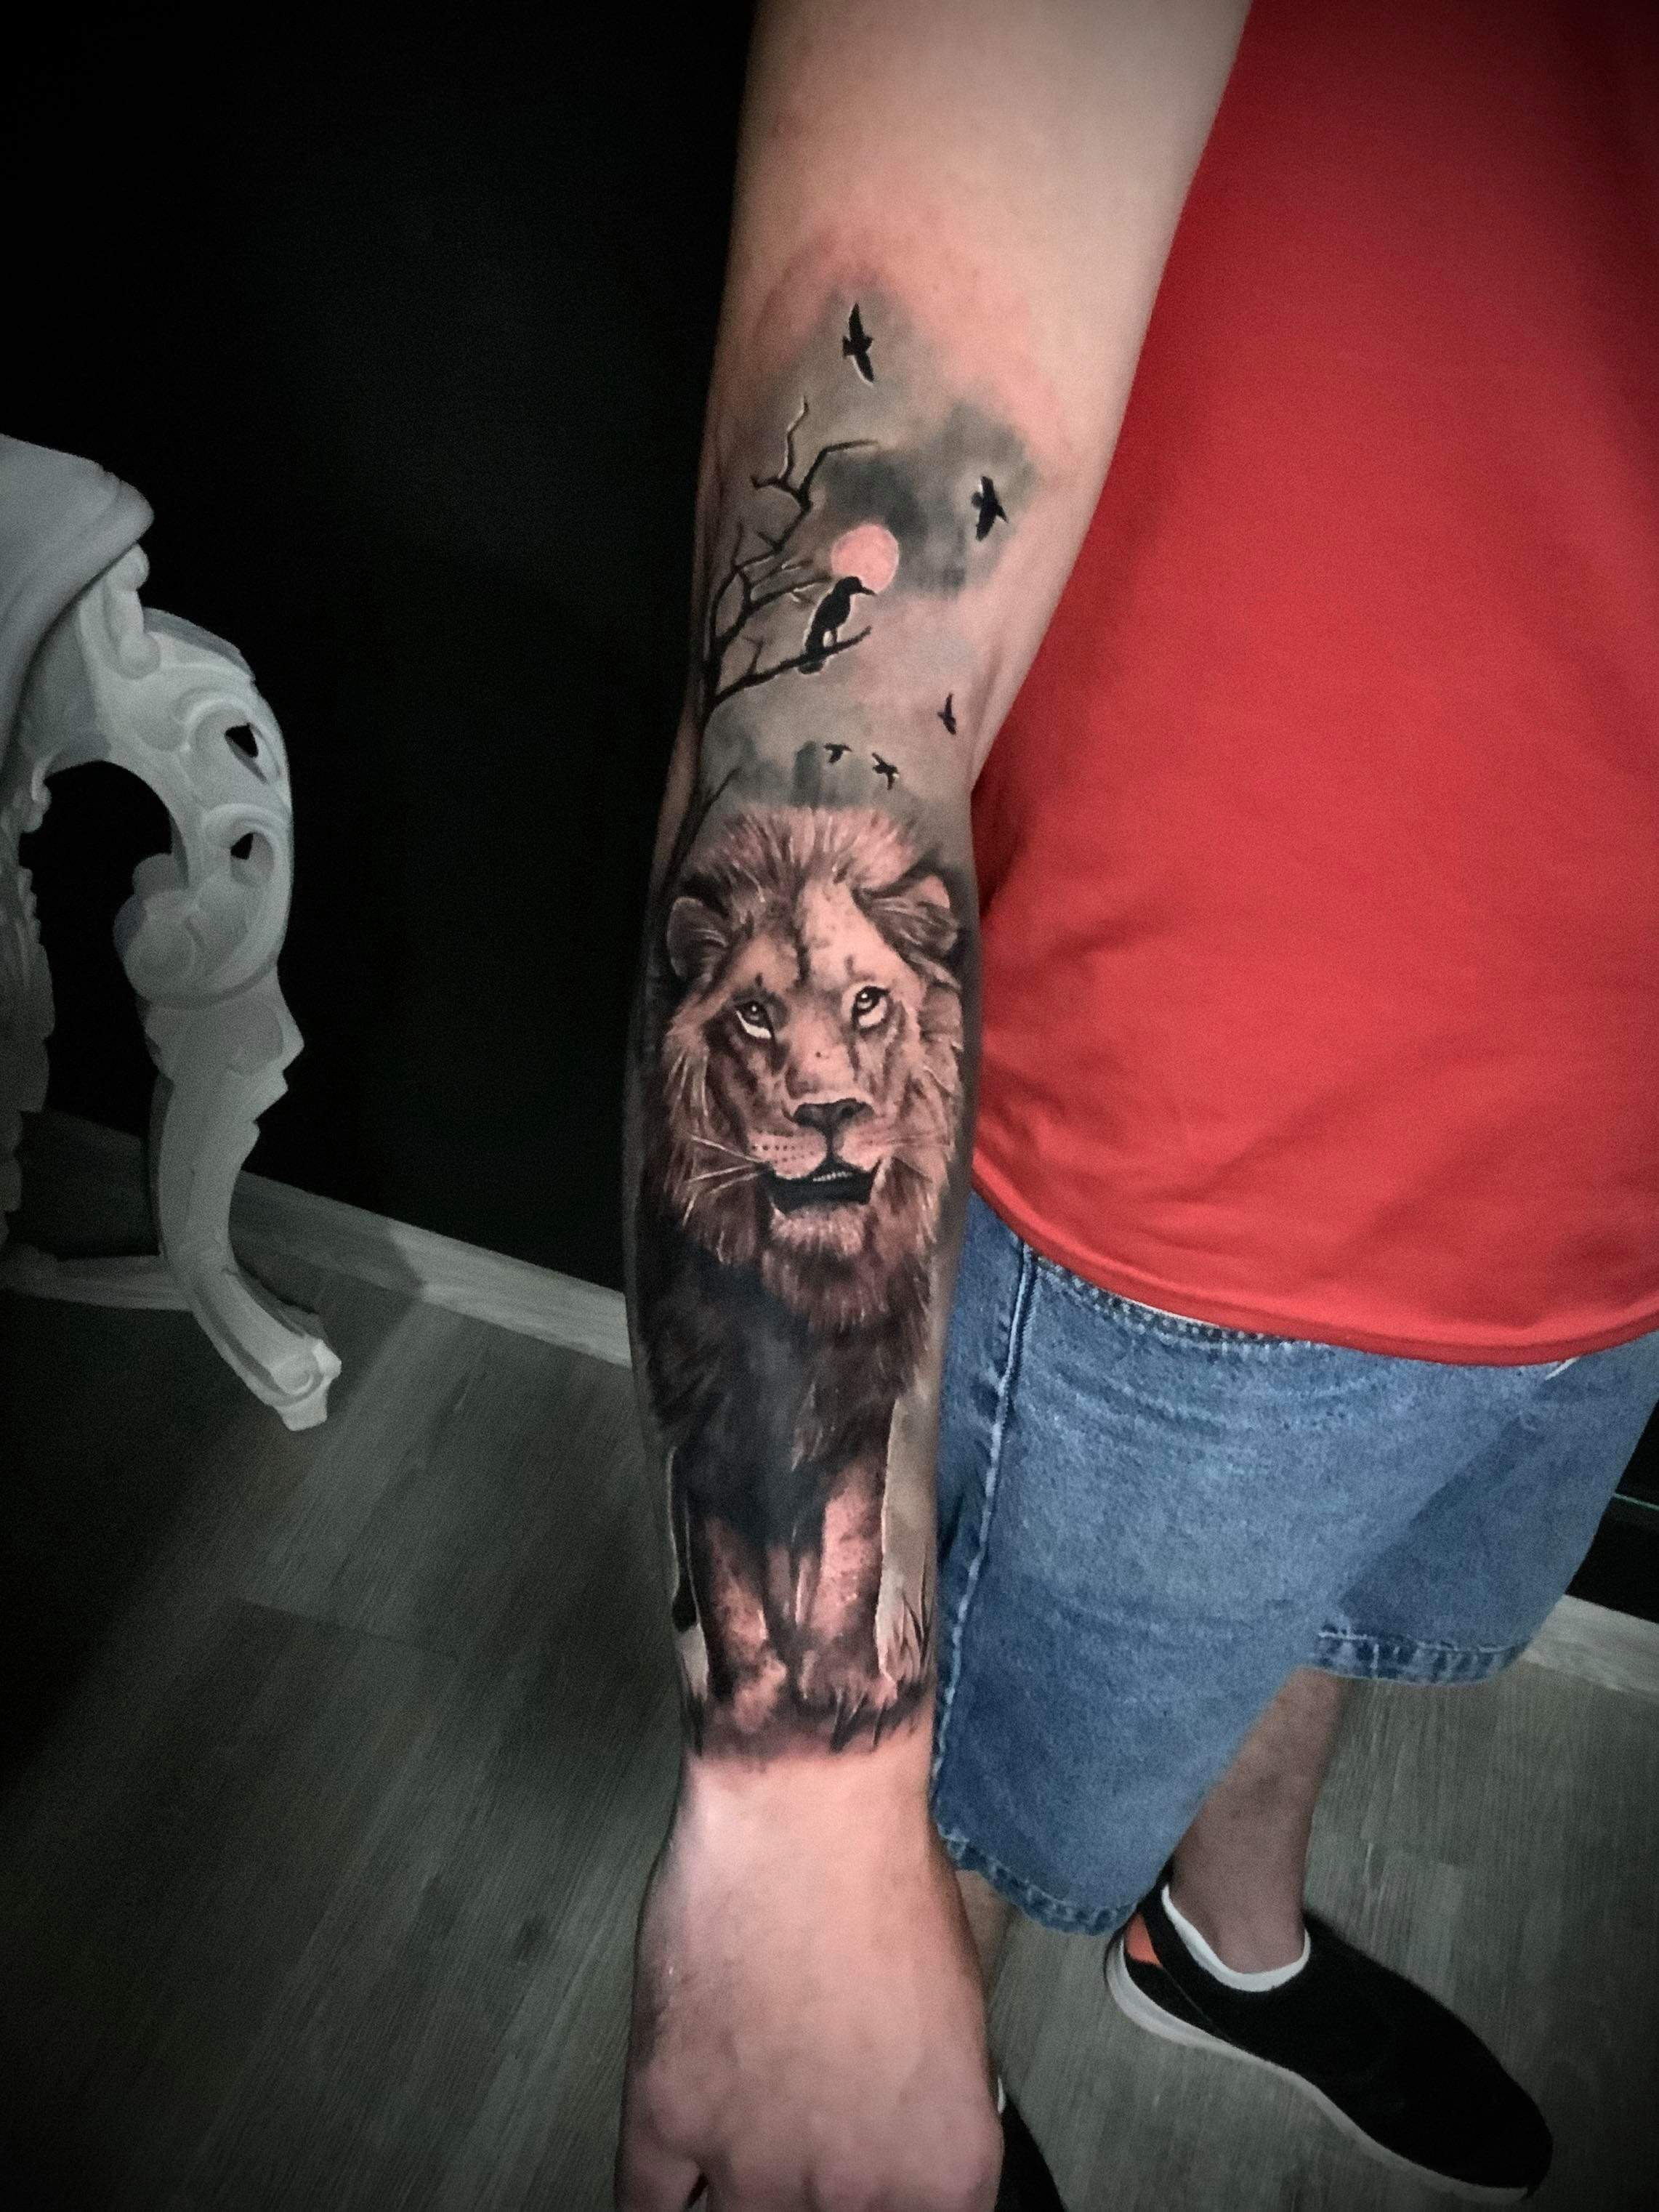 Salon de tatouage tatoueur réalisme photo réaliste à Gradignan proche de Bordeaux